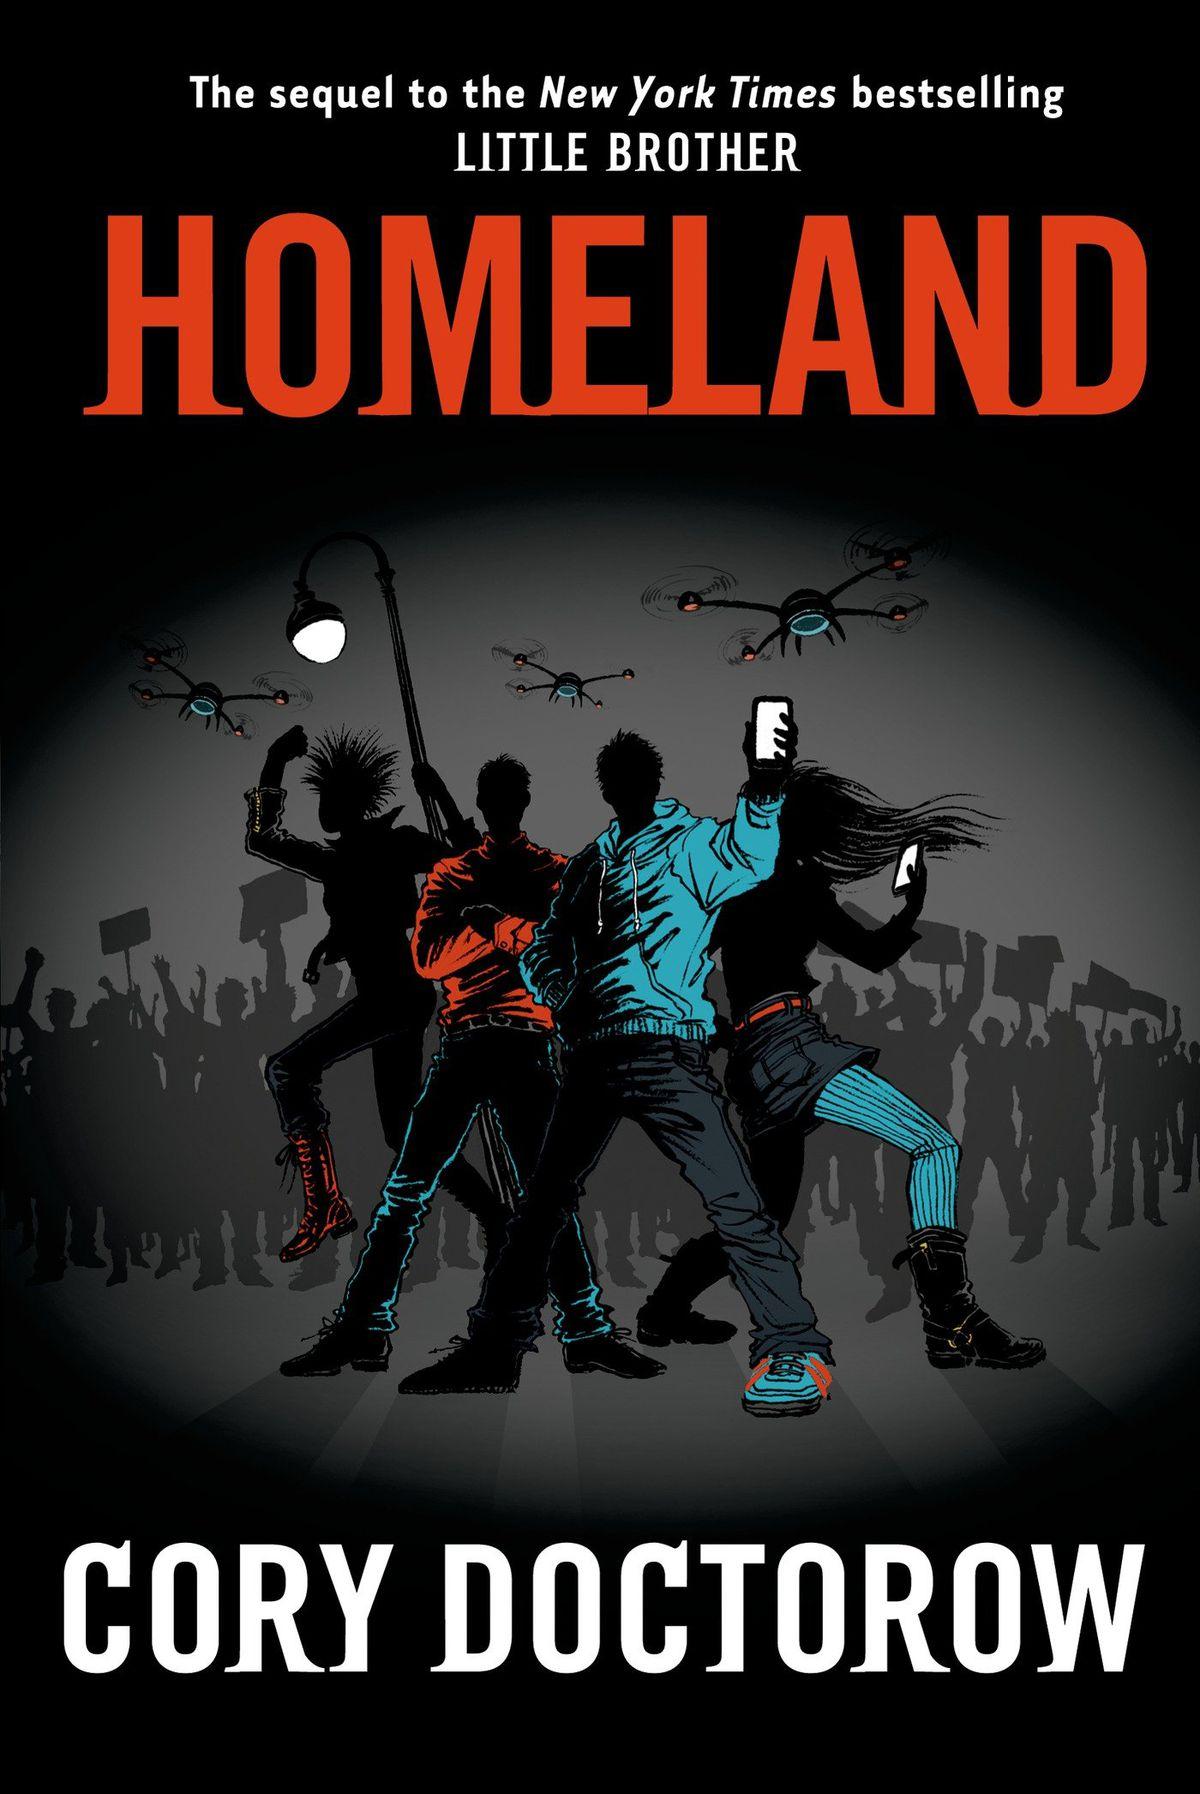 Cover to Cory Doctorow's novel Homaland